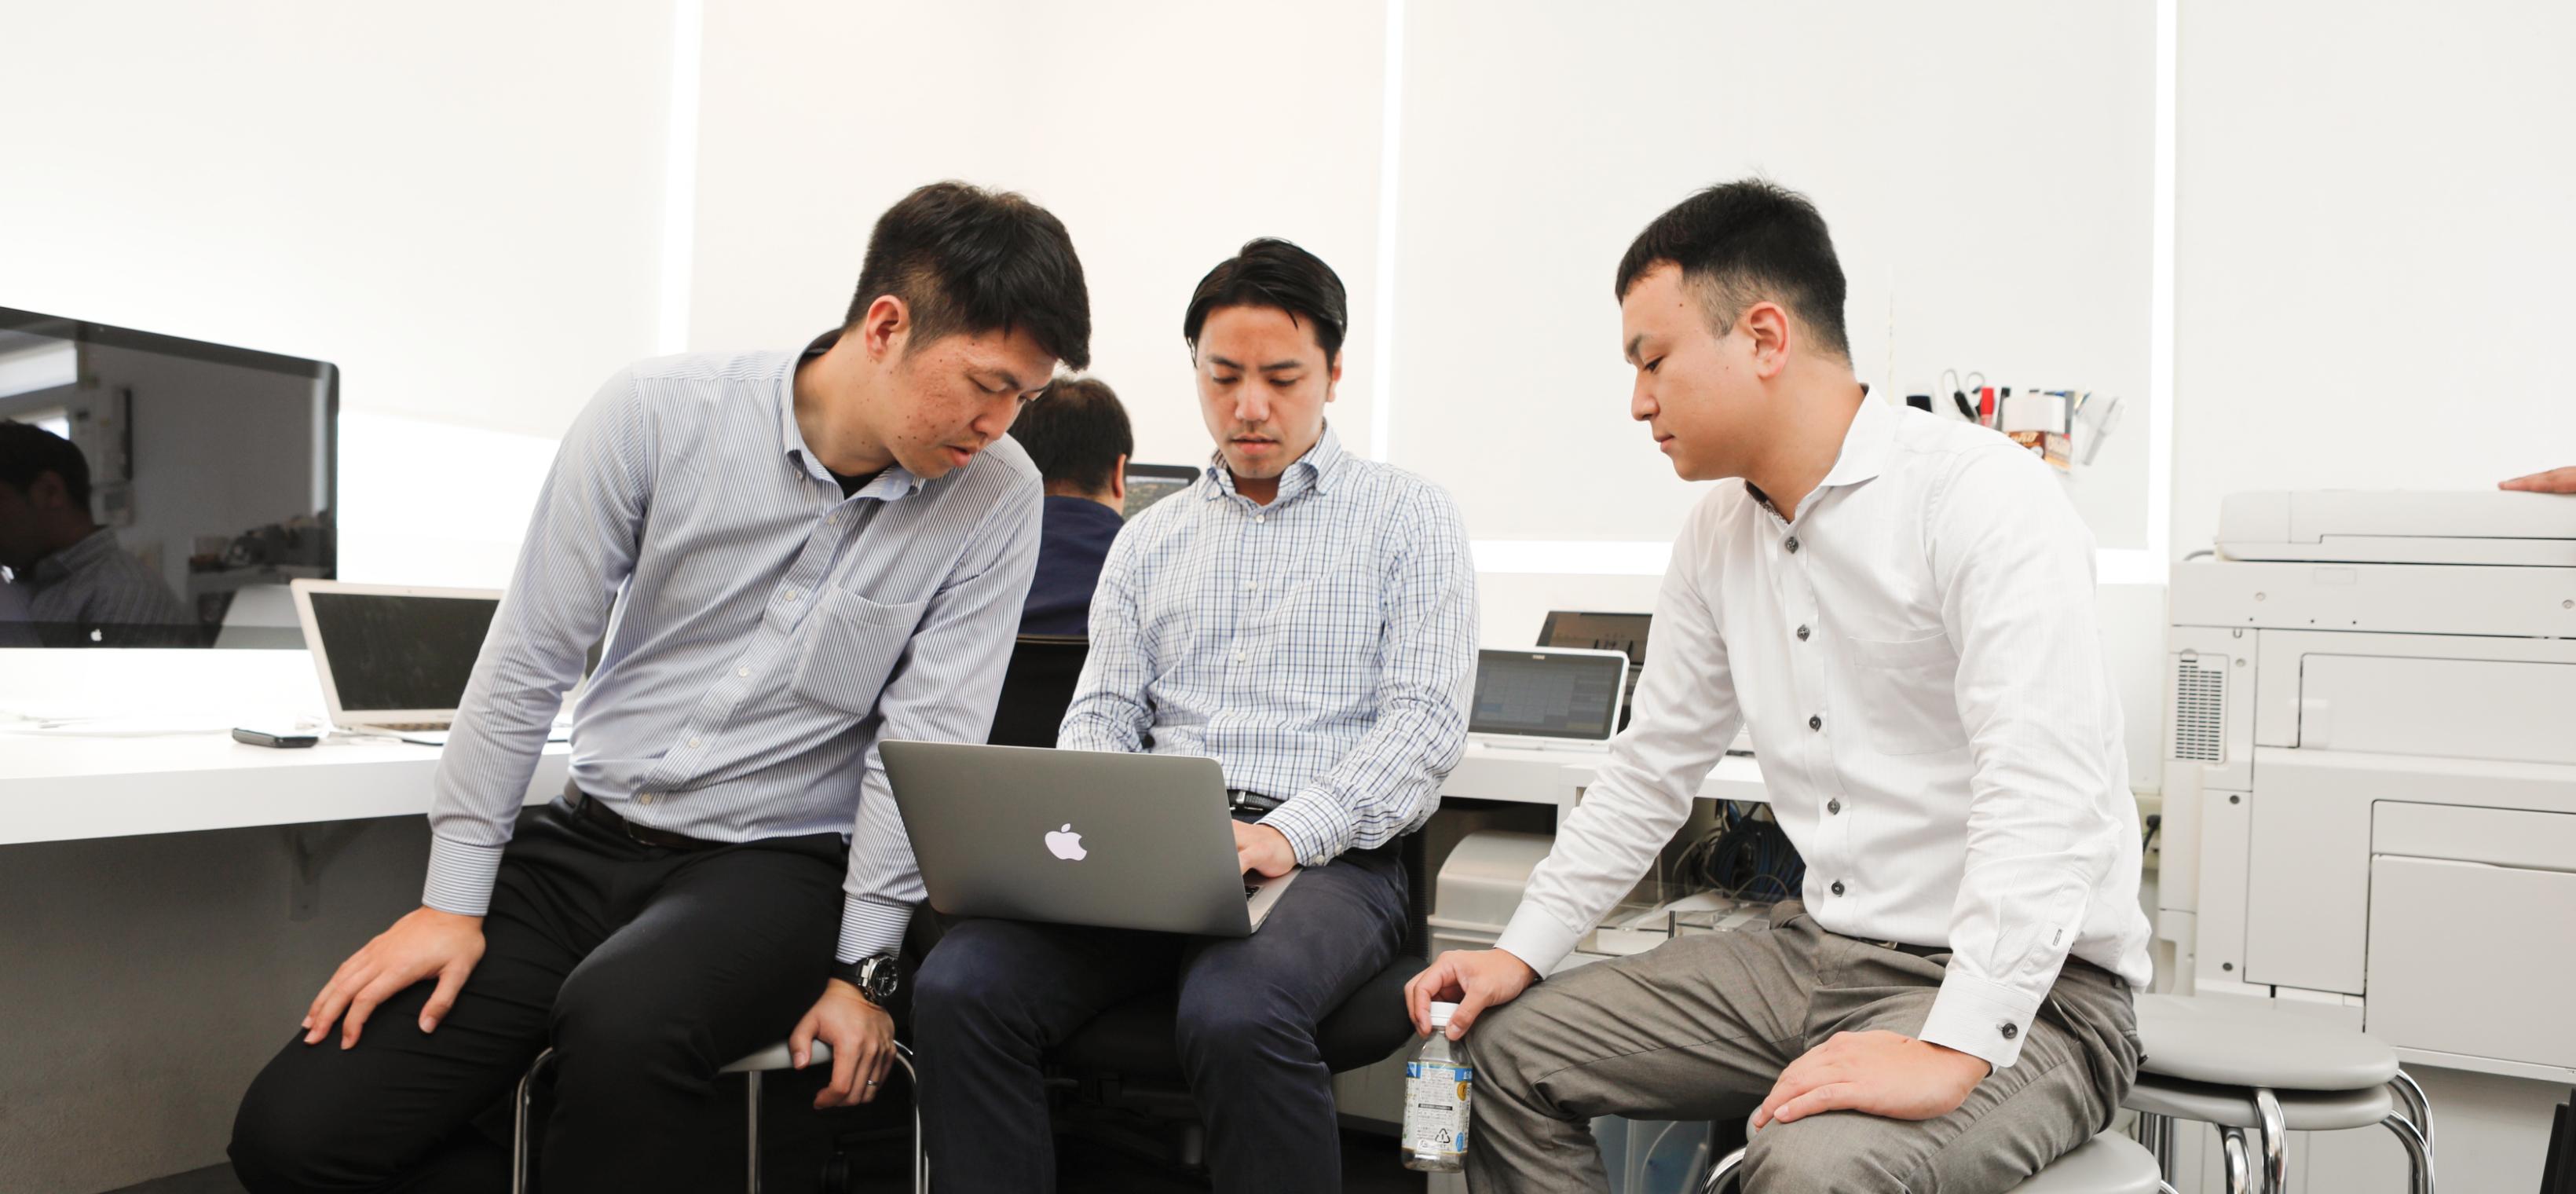 スポンサー営業 沖縄バスケットボール株式会社